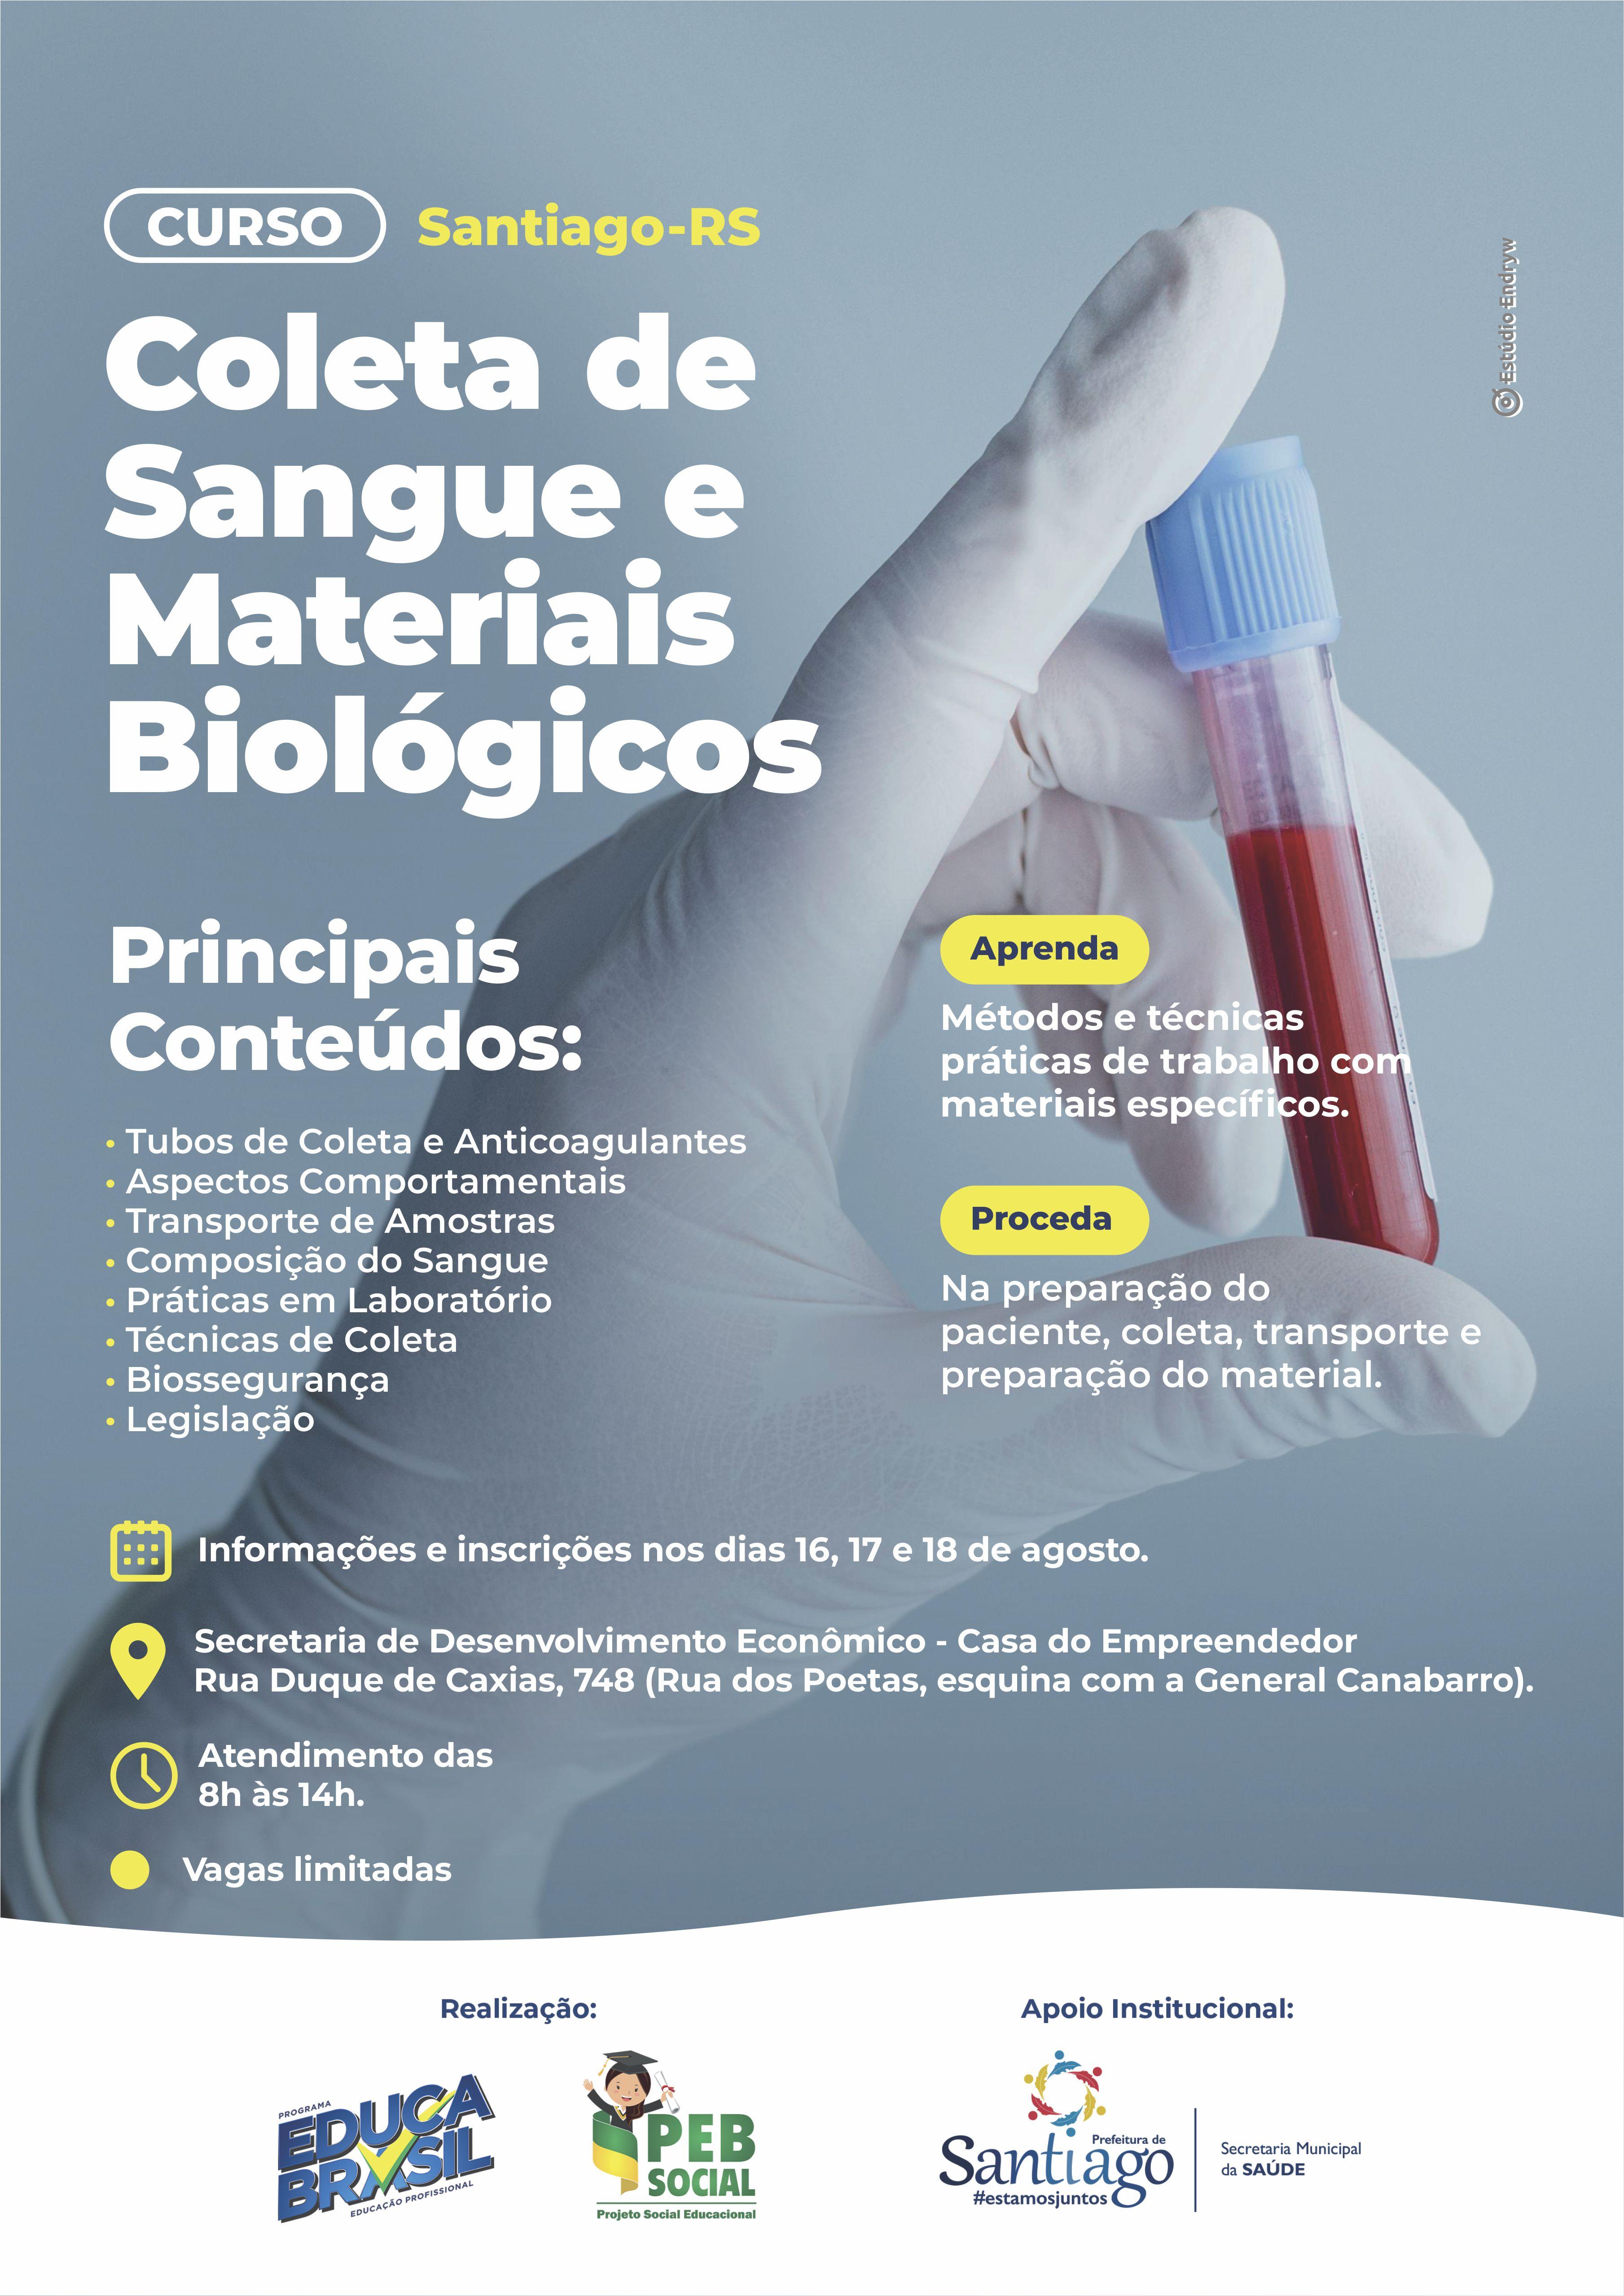 Curso de Coleta de Sangue e Materiais Biológicos   Santiago/RS